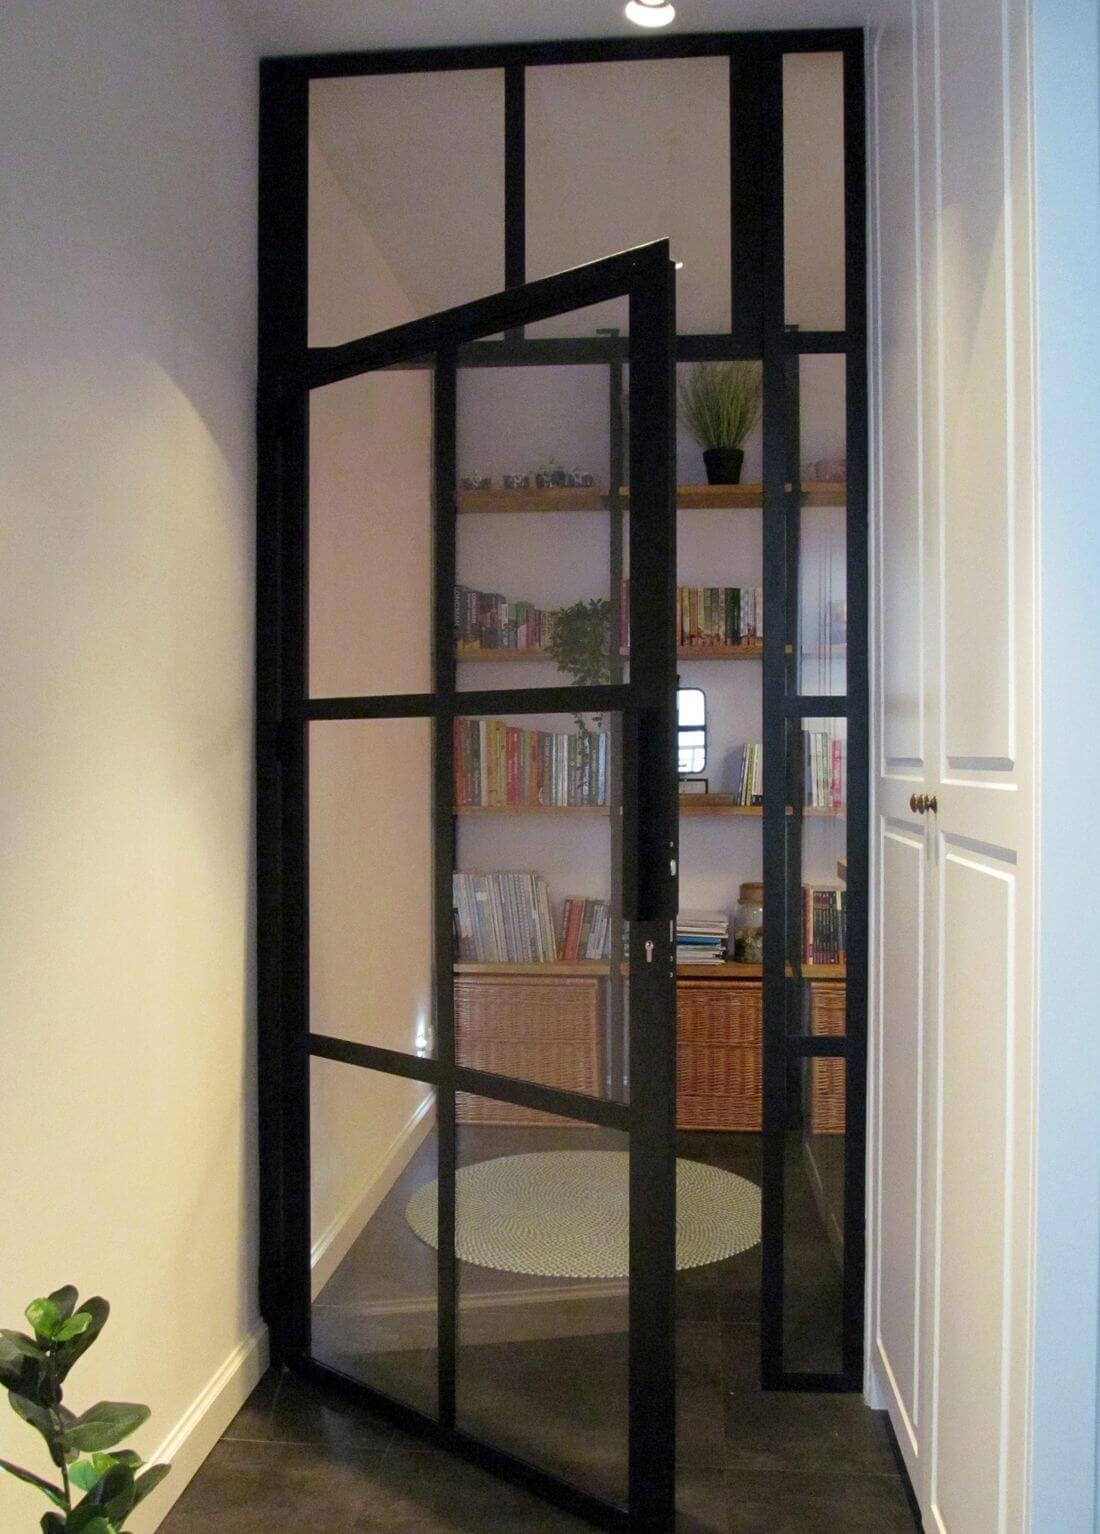 Drzwi Loftowe w stylu industrialnym ze stali konstrukcyjnej i bezpiecznego szkła w mieszkaniu na warszawskiej Pradze